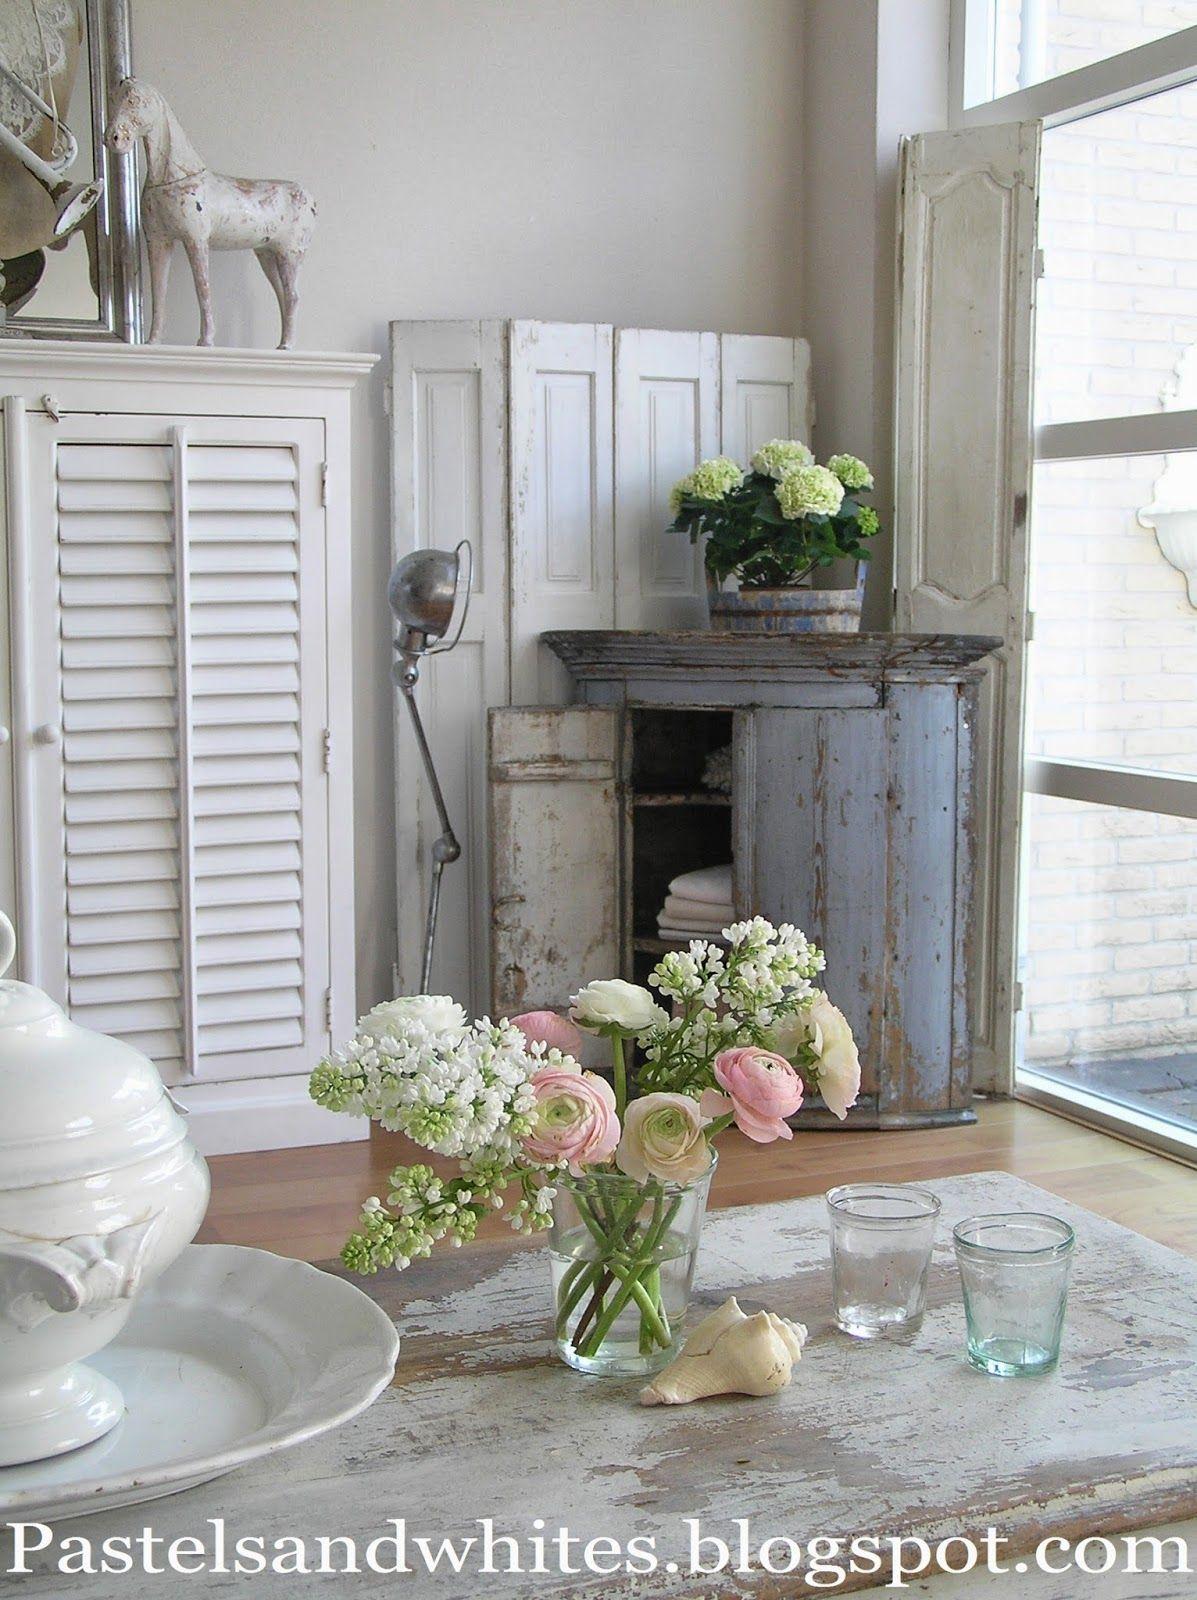 Pastels and Whites: Antique Swedish cabinet / Antiek Zweeds hoekkastje...